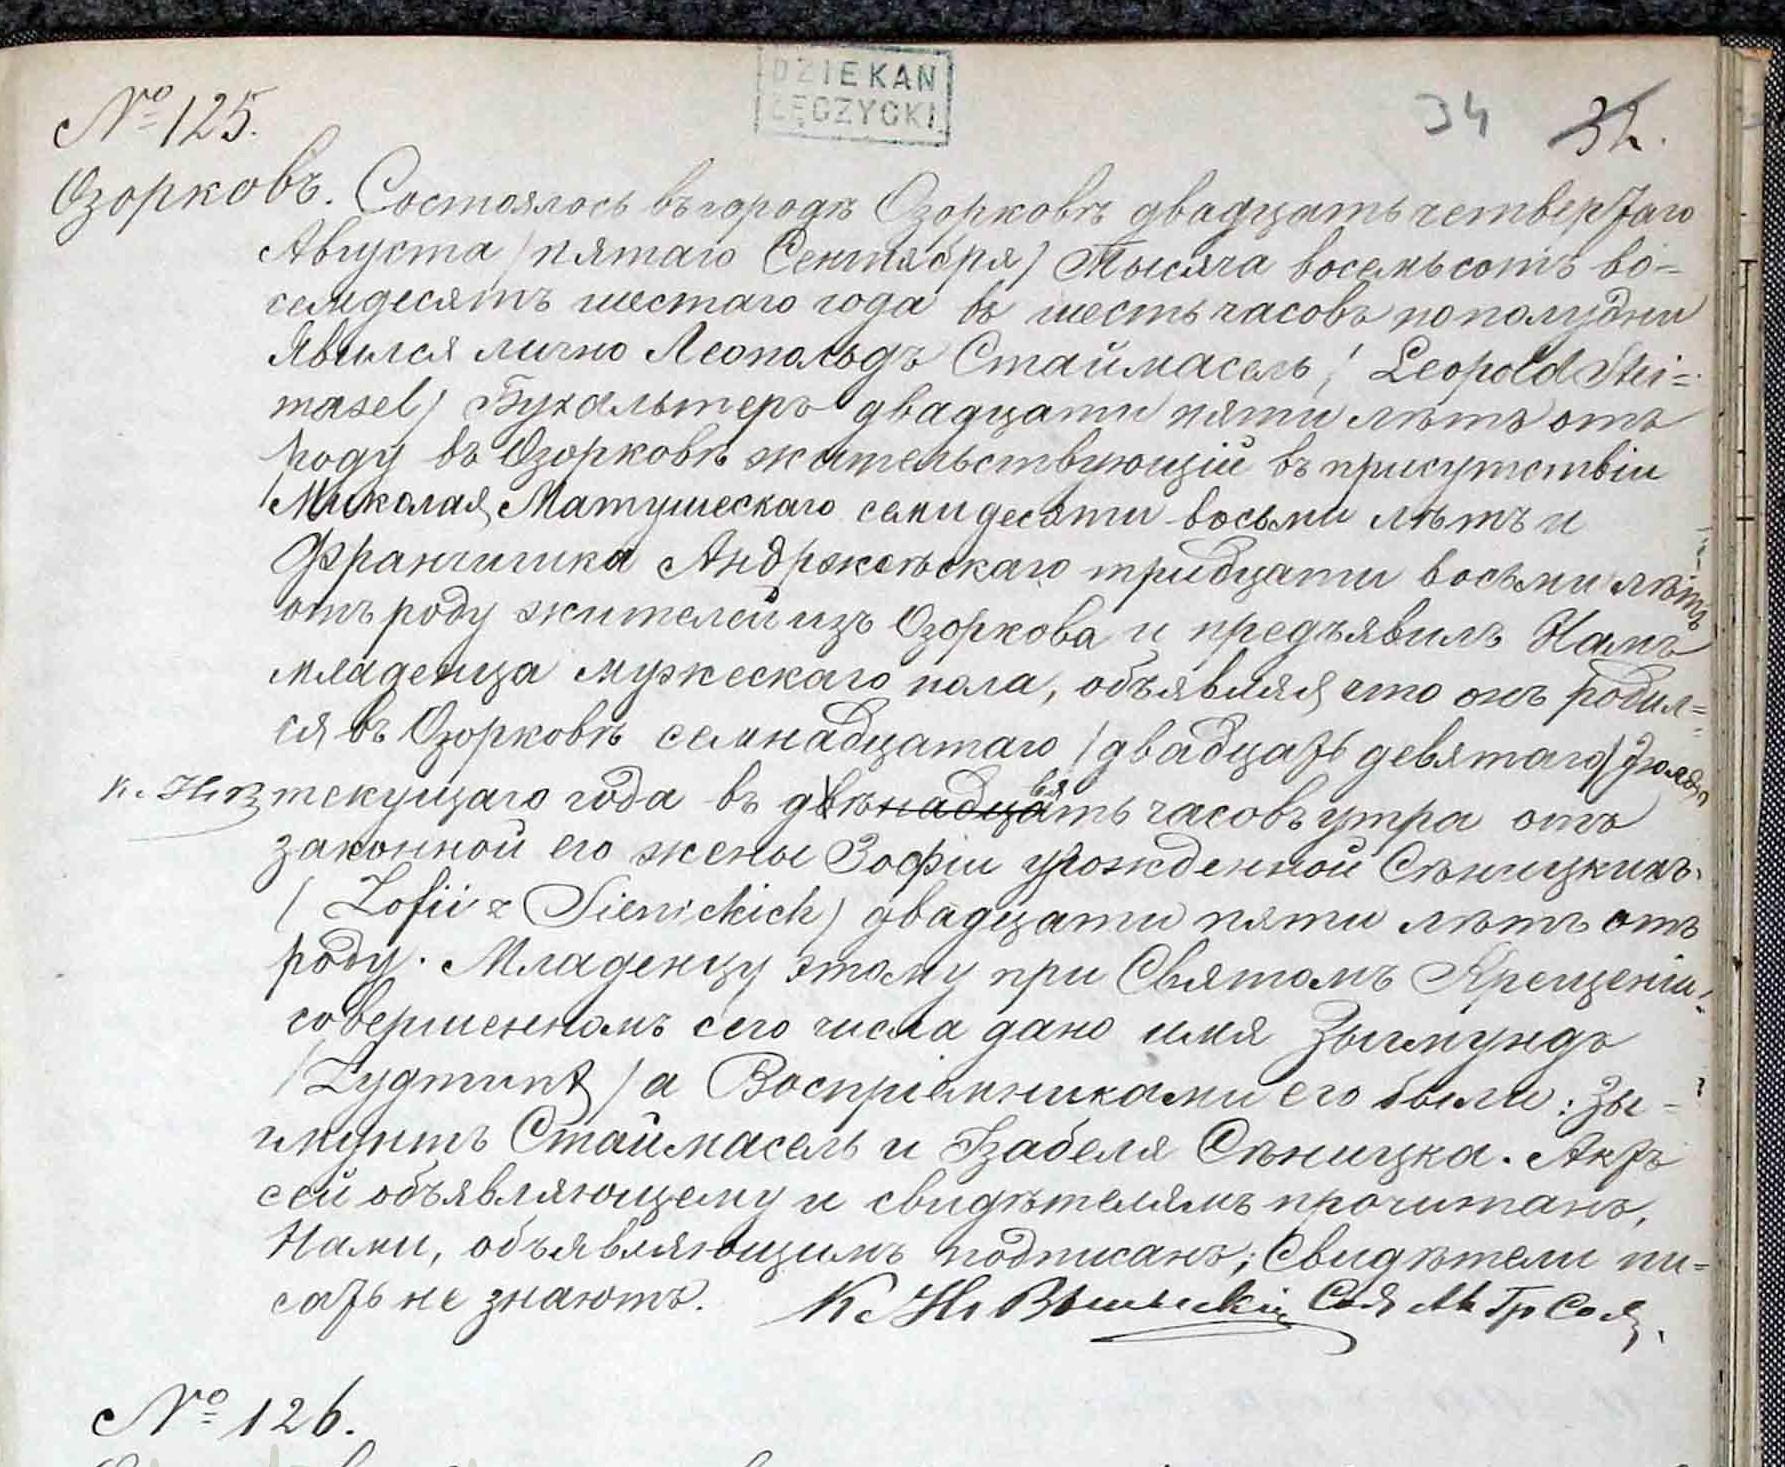 Akt urodzenia Zygmunta Steinmassela